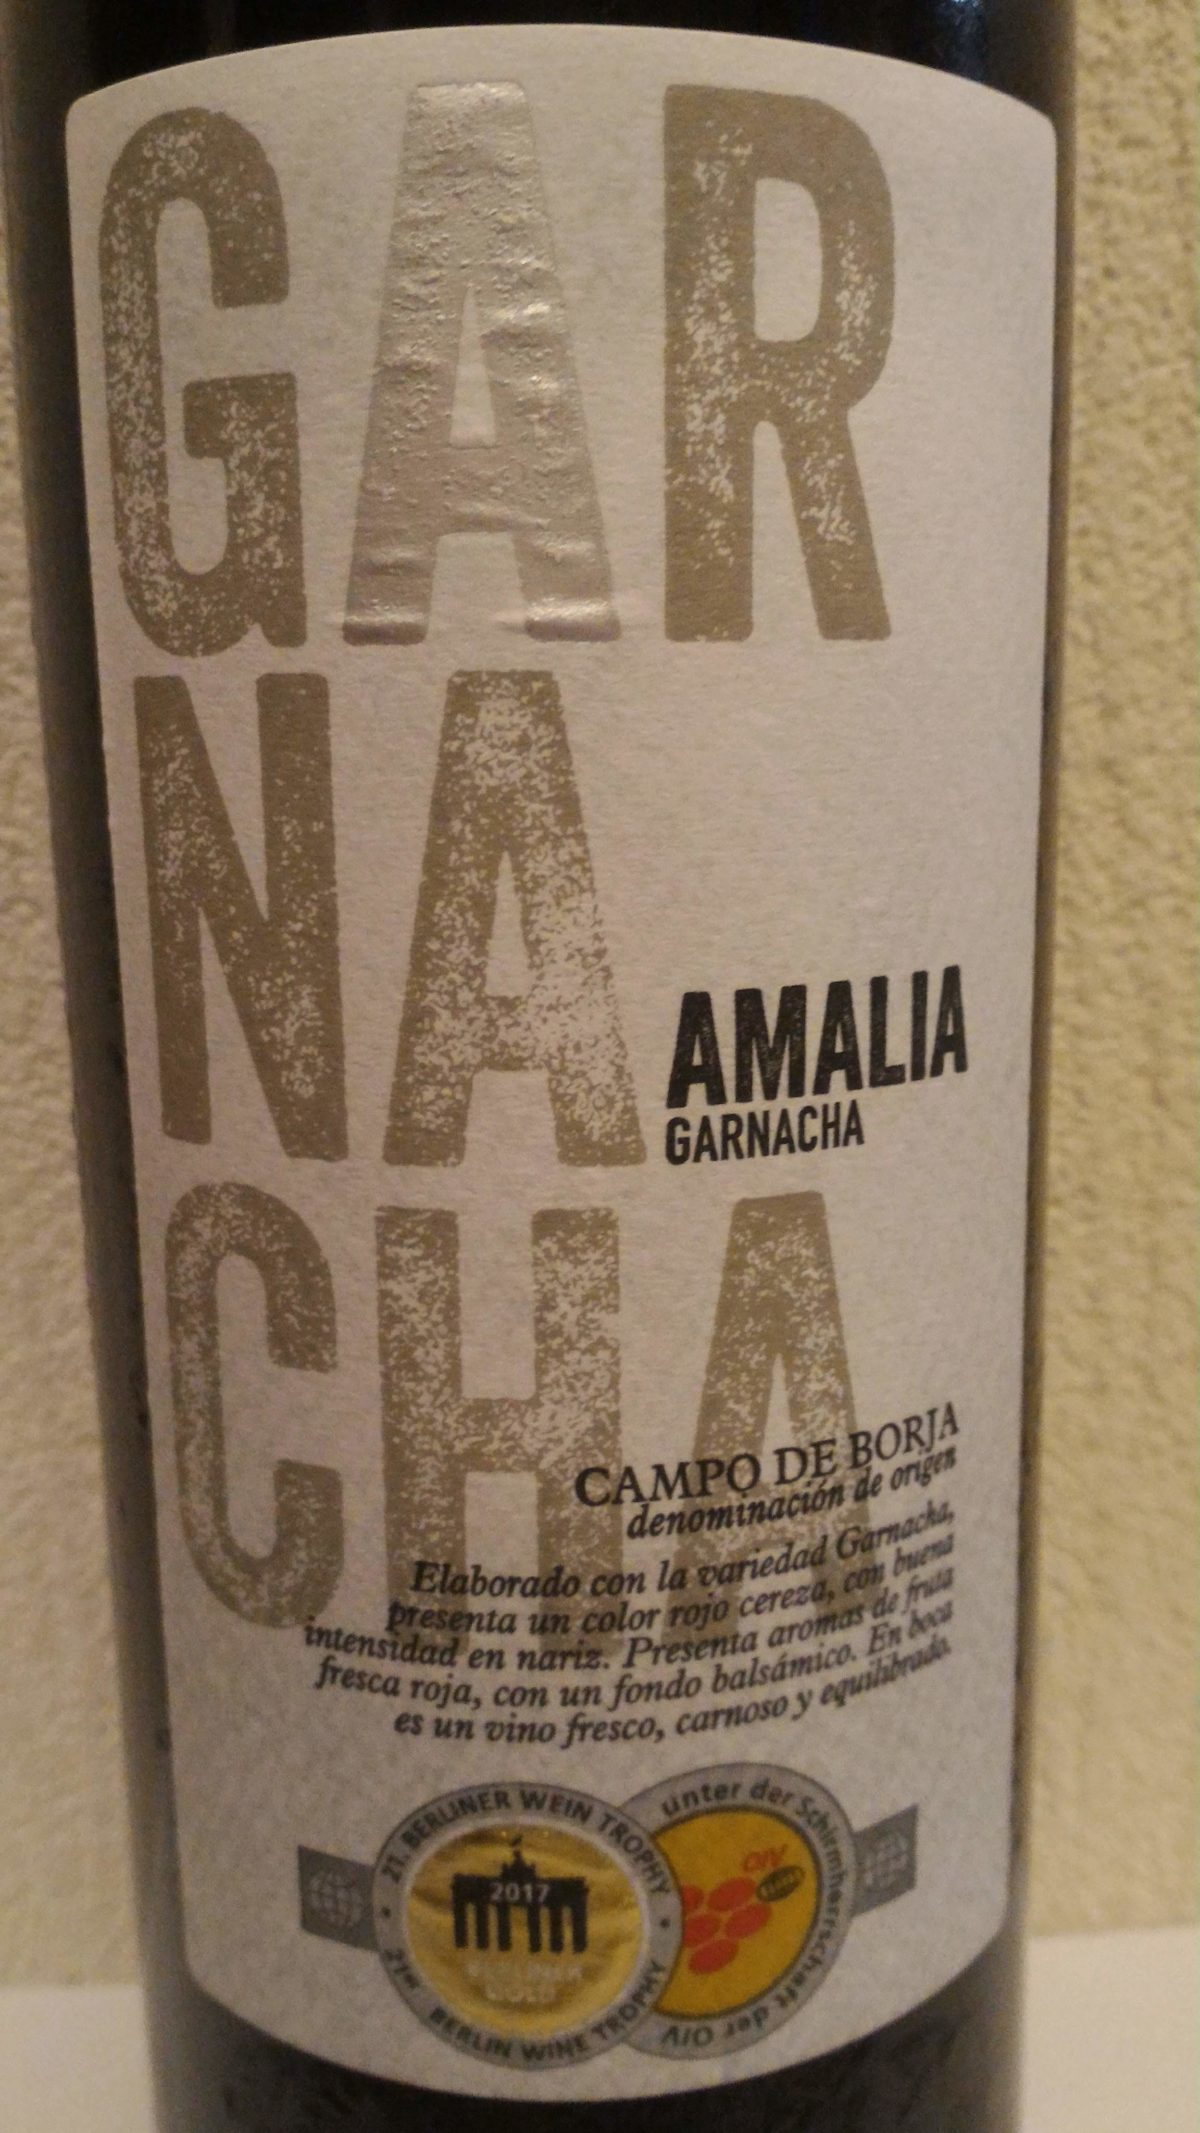 高コスパの豊かな果実味ワインを飲みたい時「アマリア・ガルナッチャ」